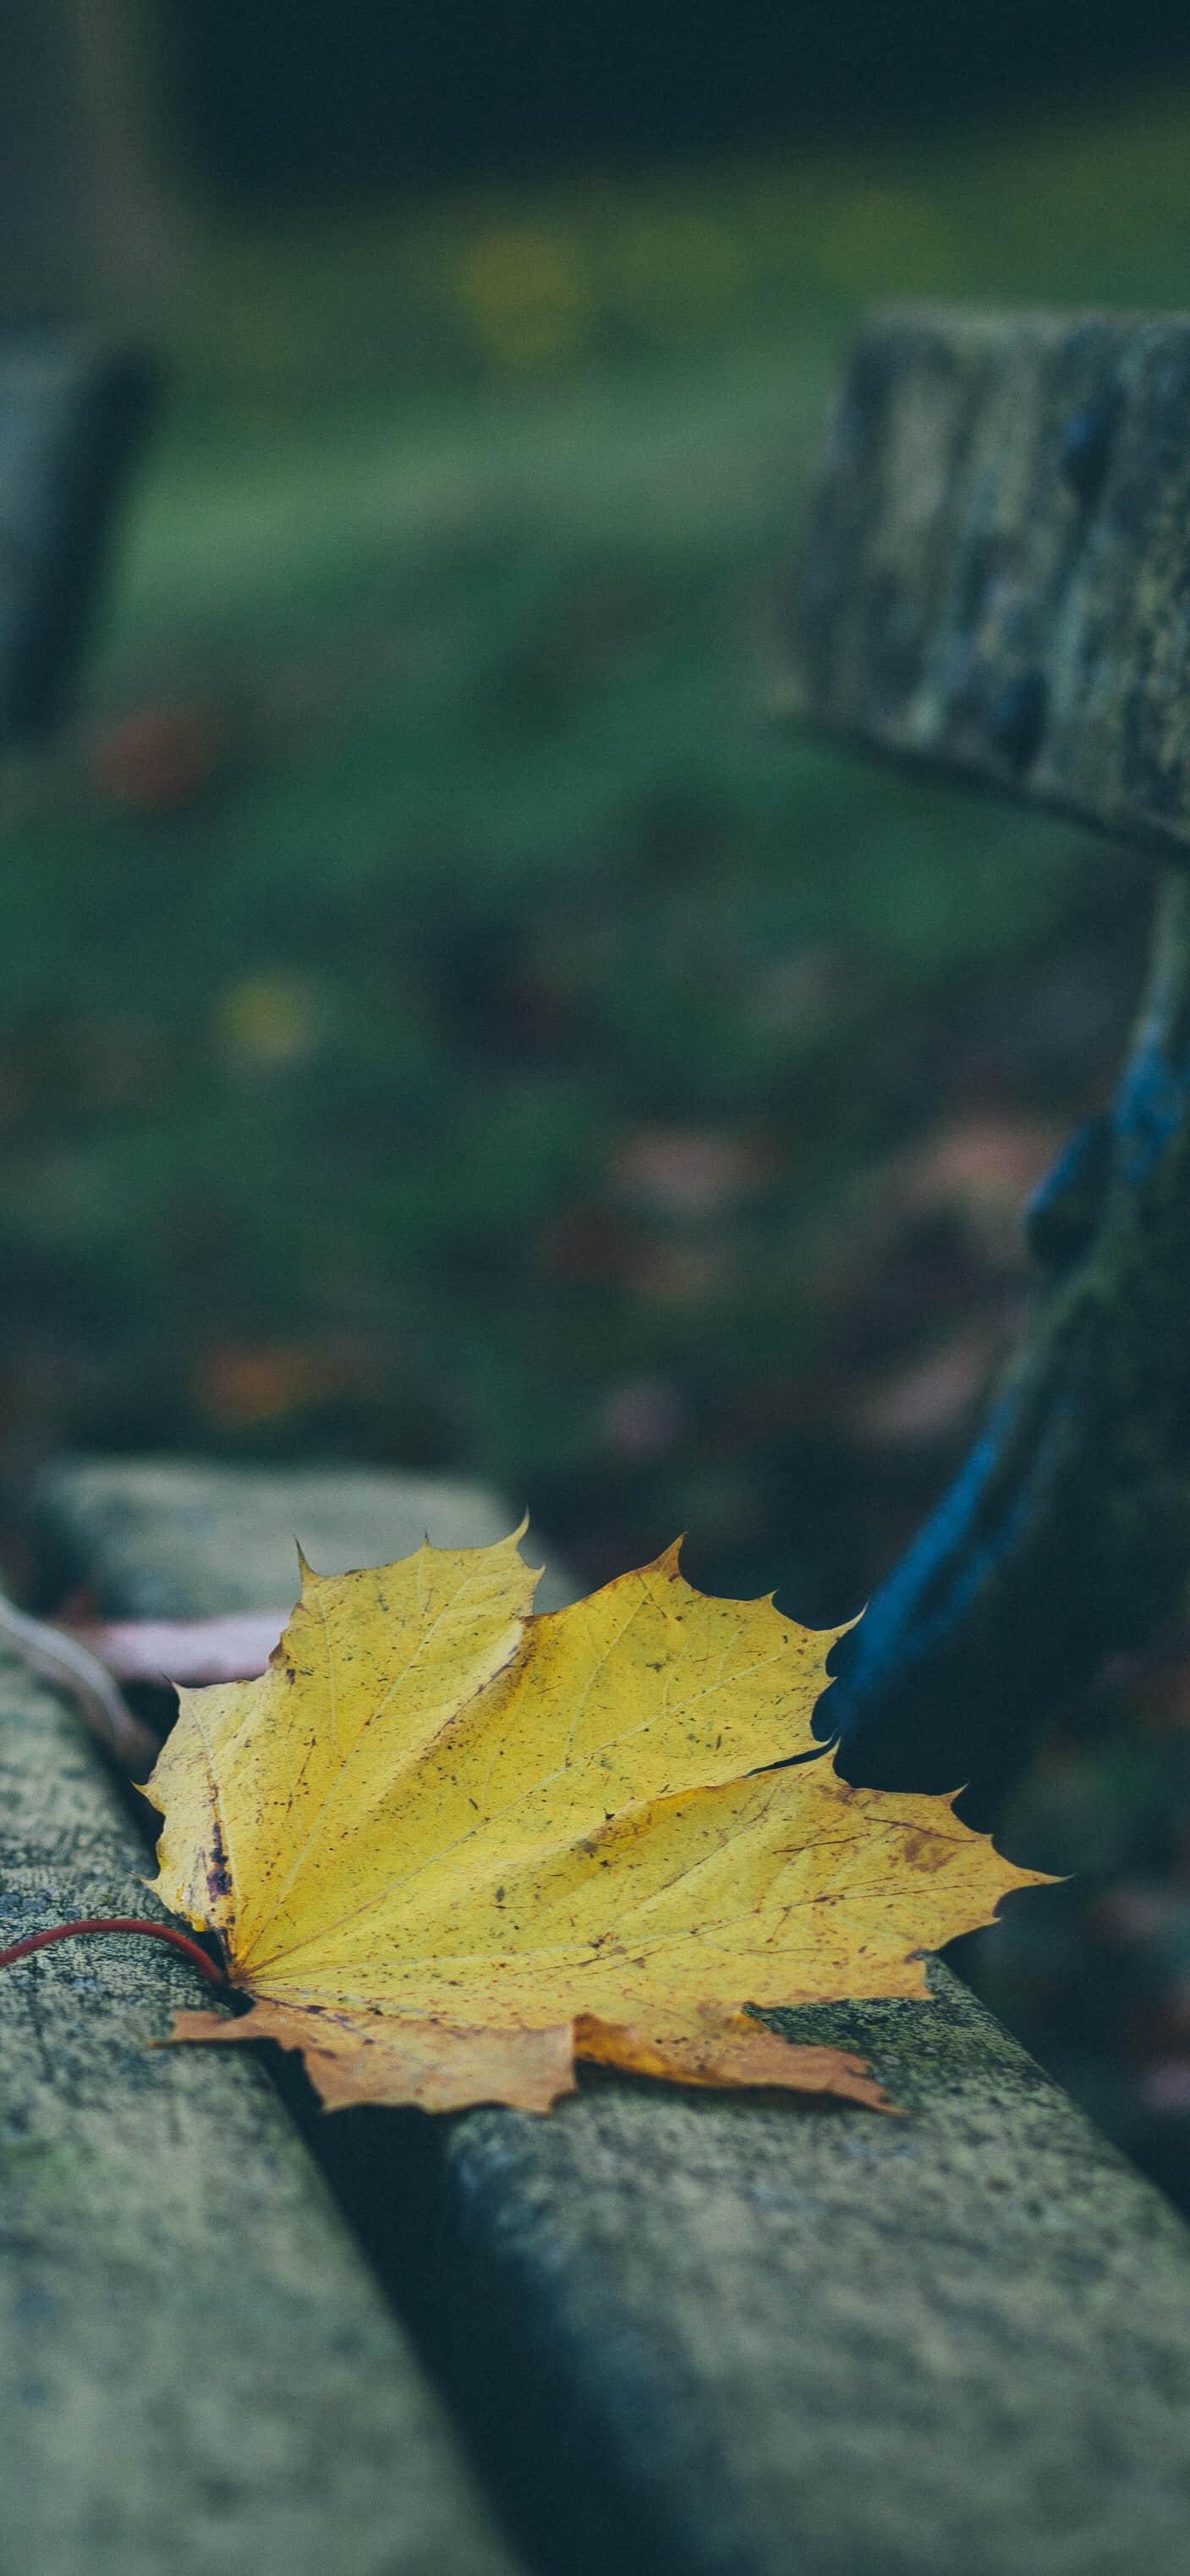 秋季的落叶唯美手机壁纸